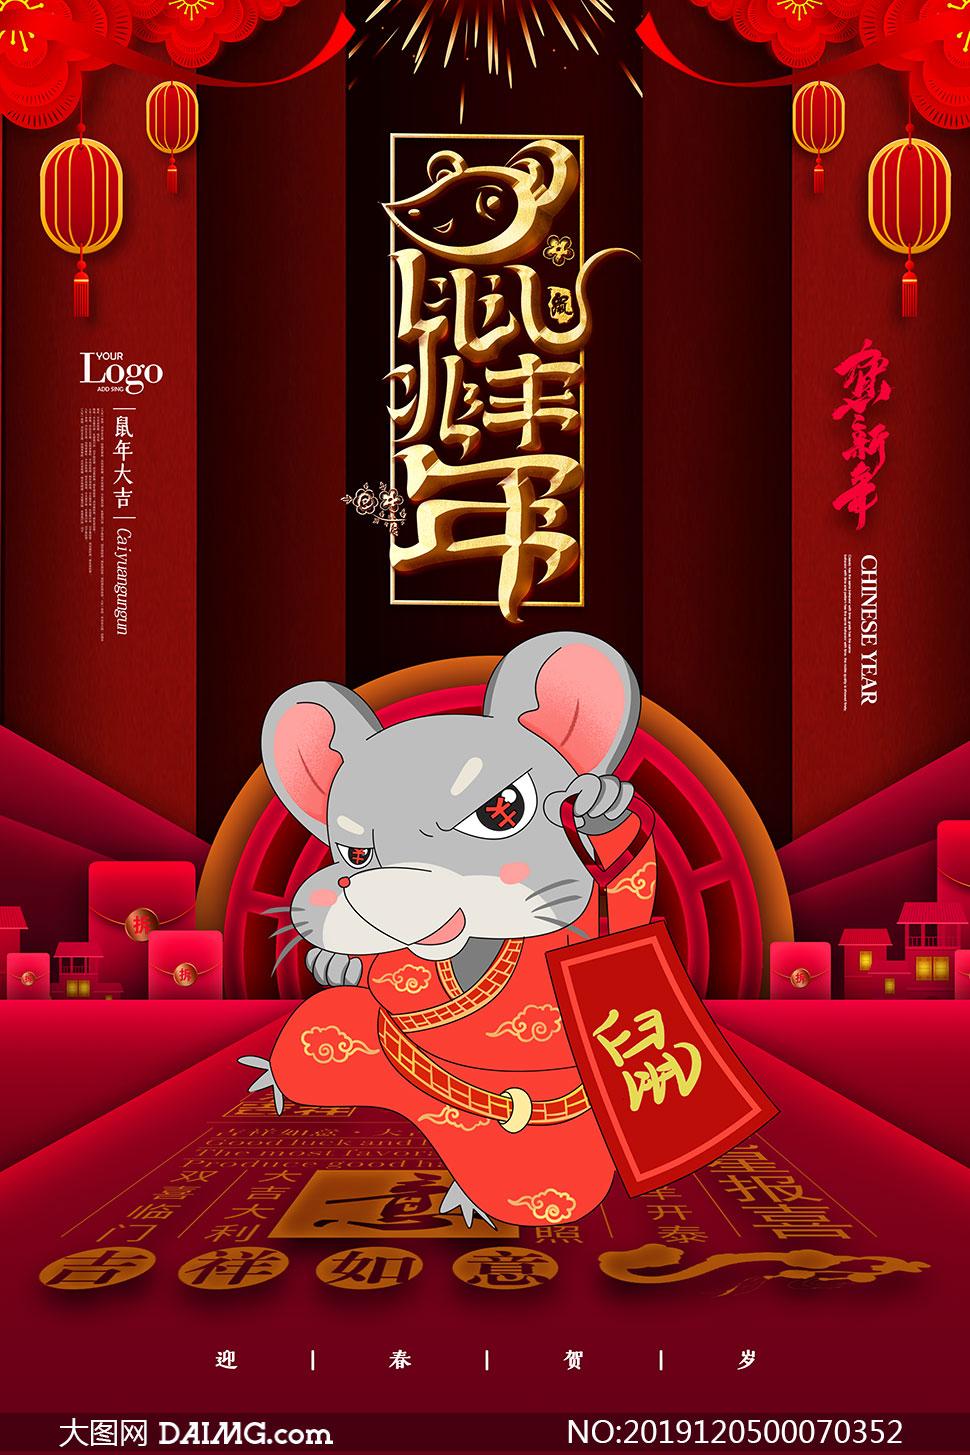 2020鼠年贺新年活动海报PSD素材